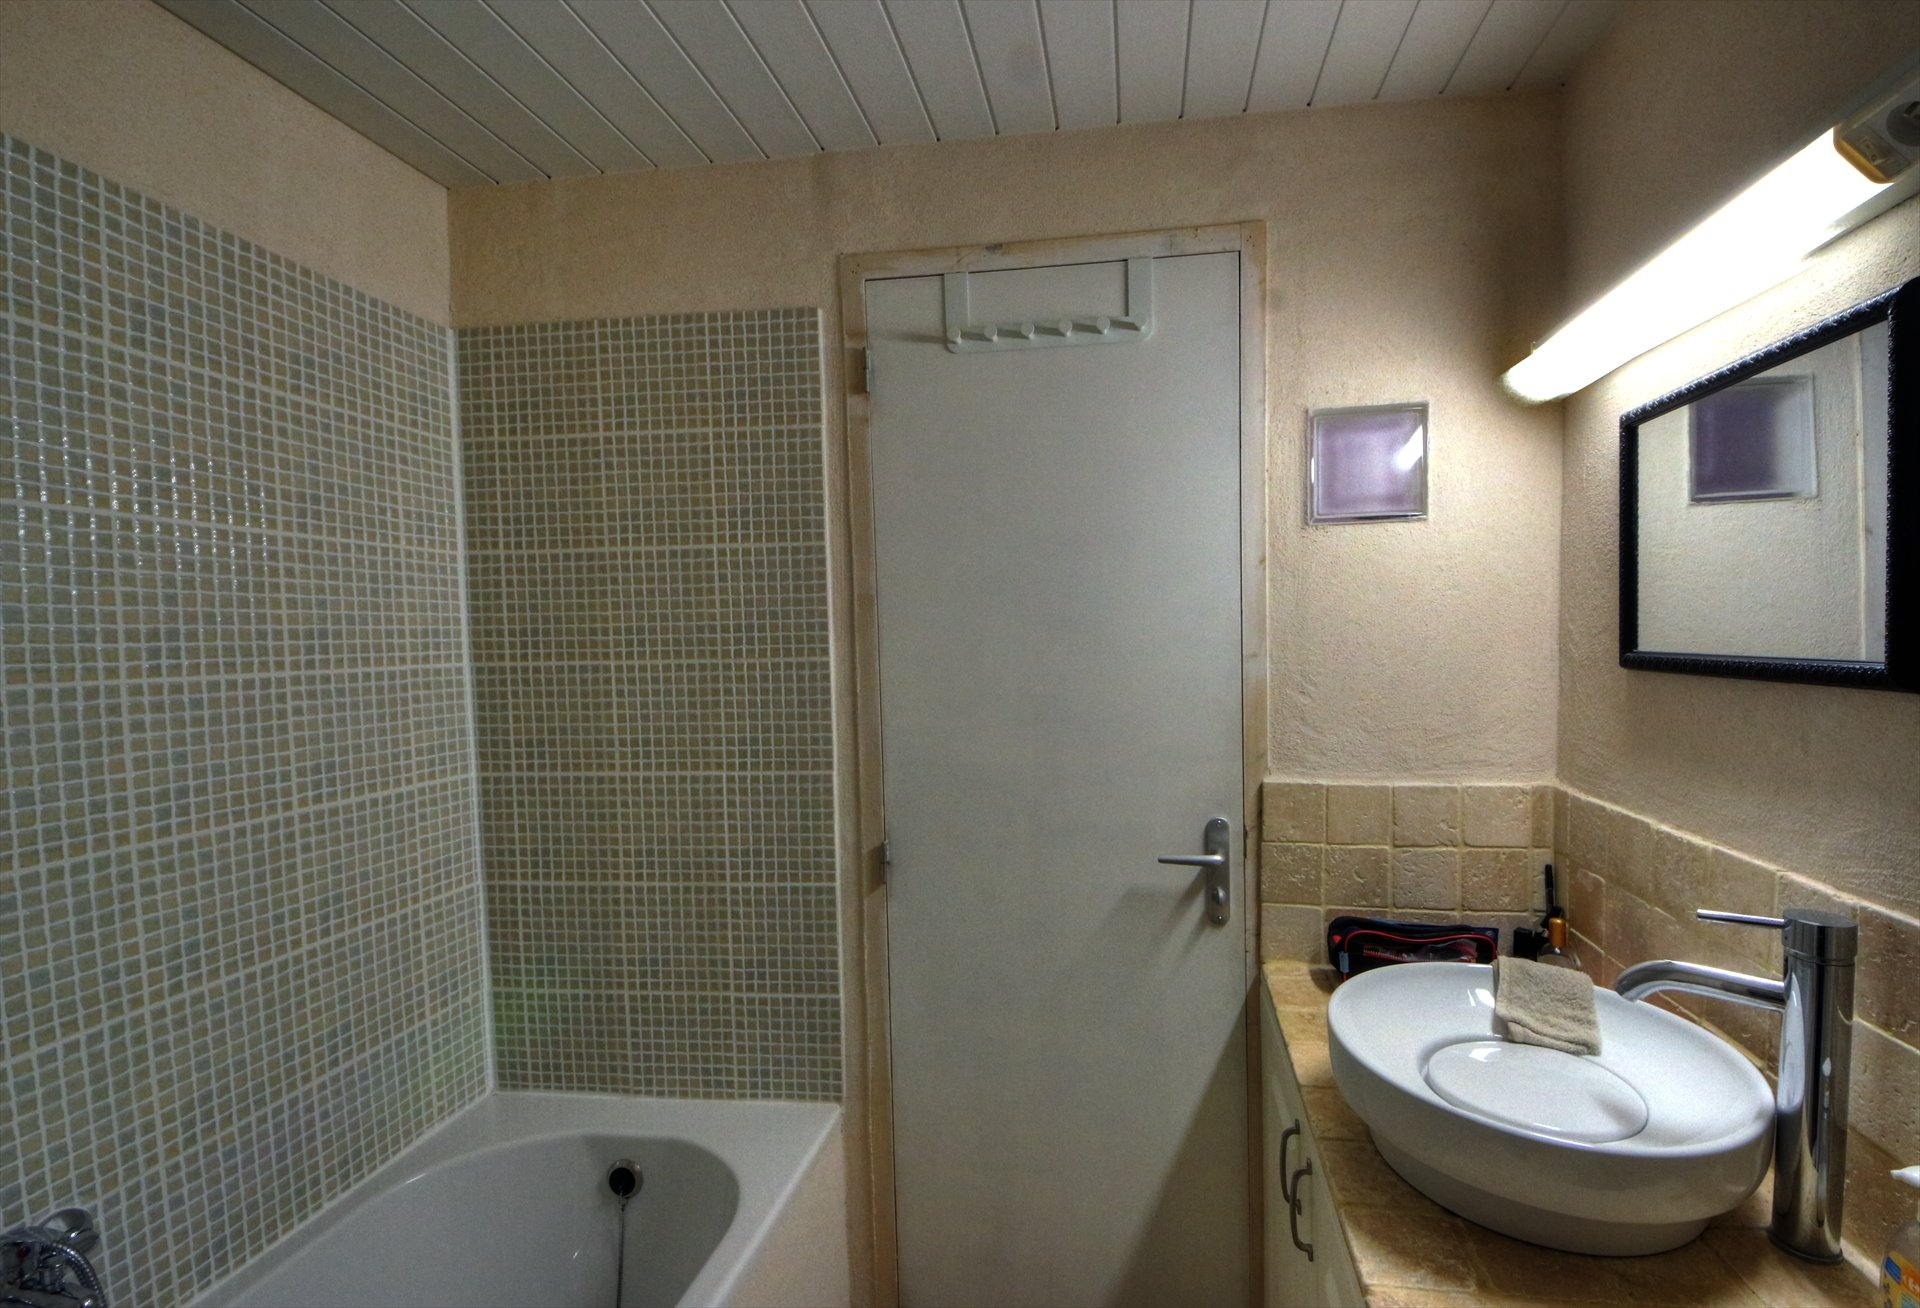 Salle de bain de la suite parentale - dernier étage - double vitrage - pièce ensoleillée